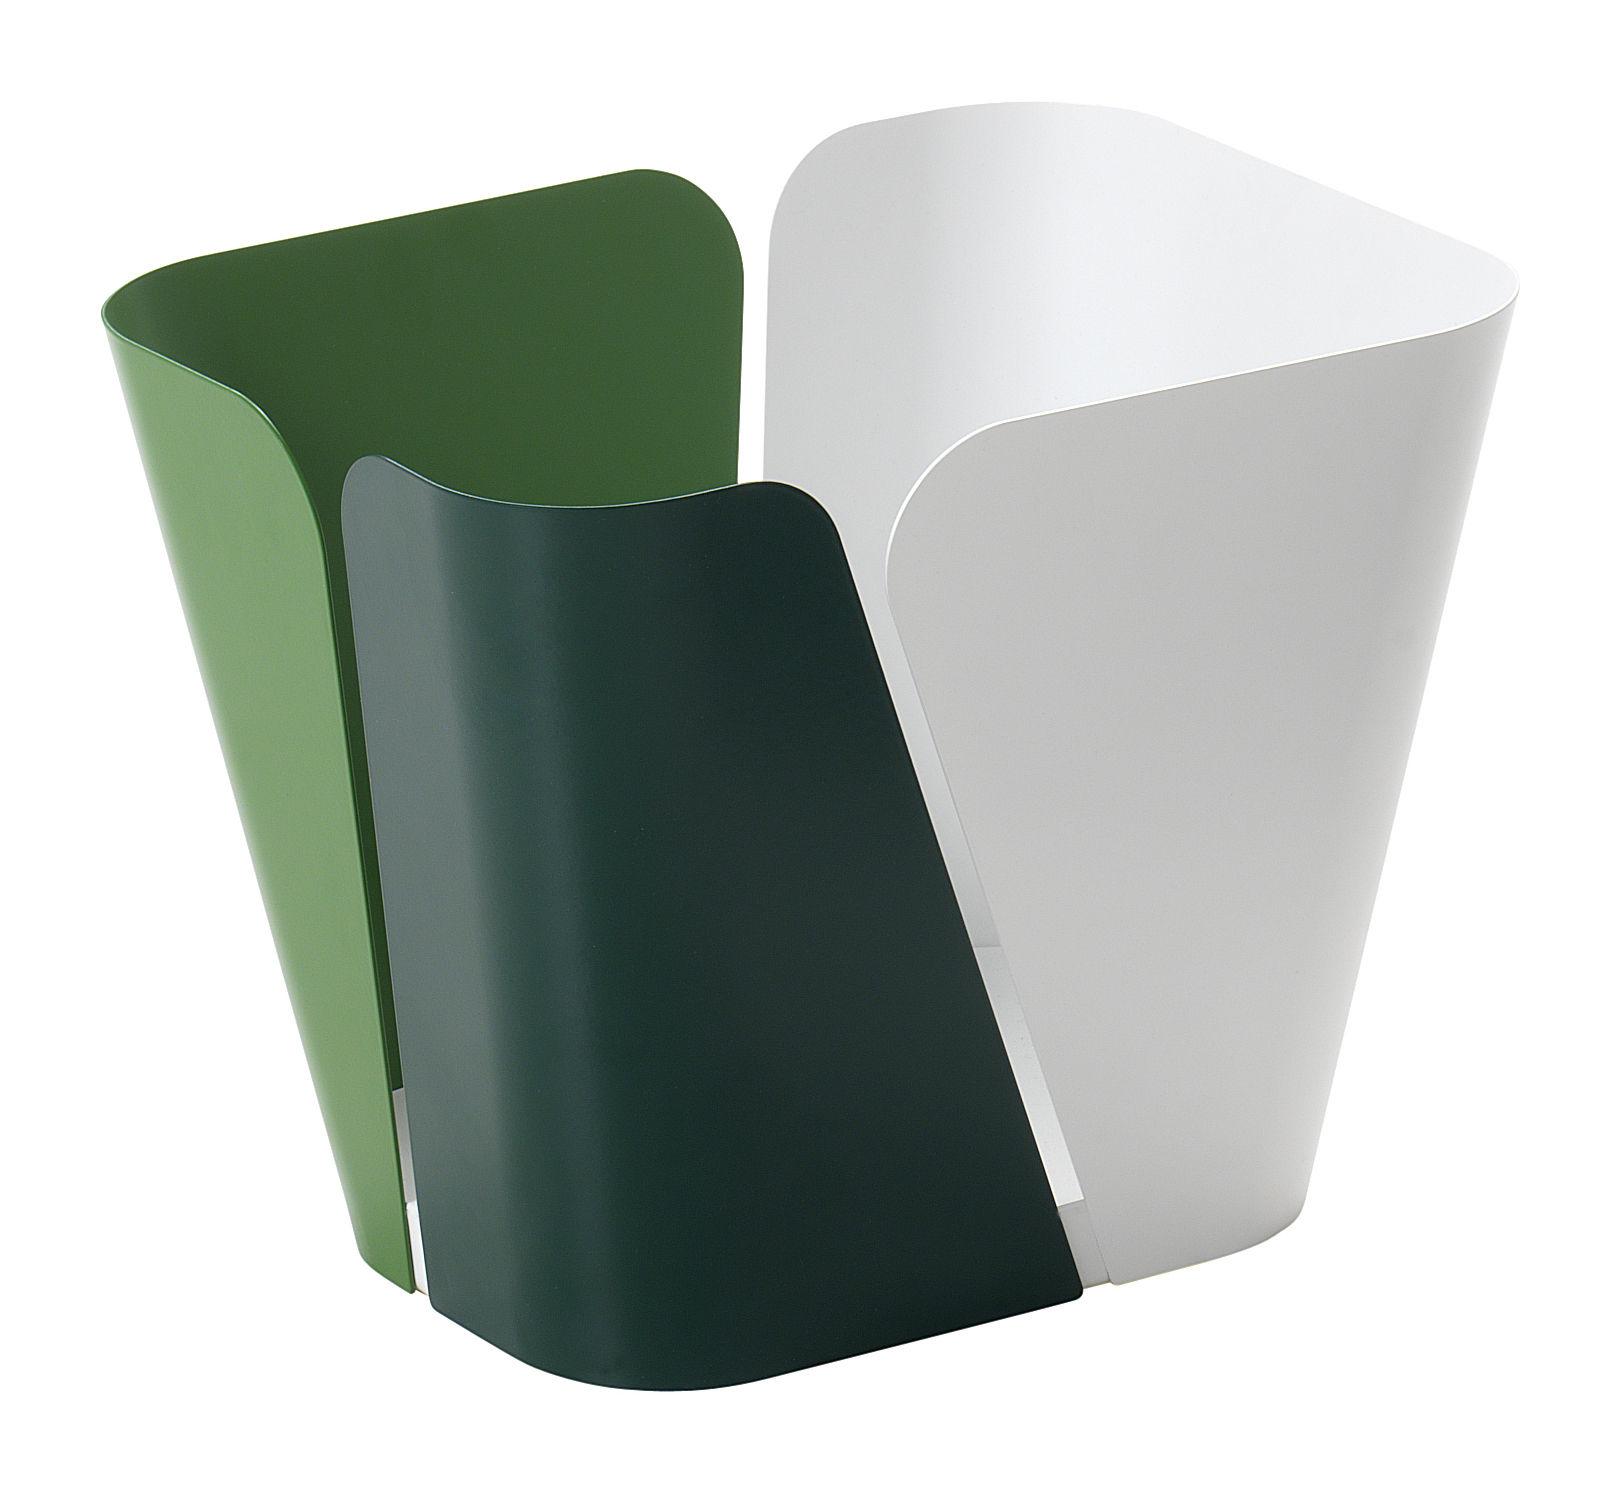 corbeille papier railo 39 x 30 cm x h 30 cm multicolore. Black Bedroom Furniture Sets. Home Design Ideas